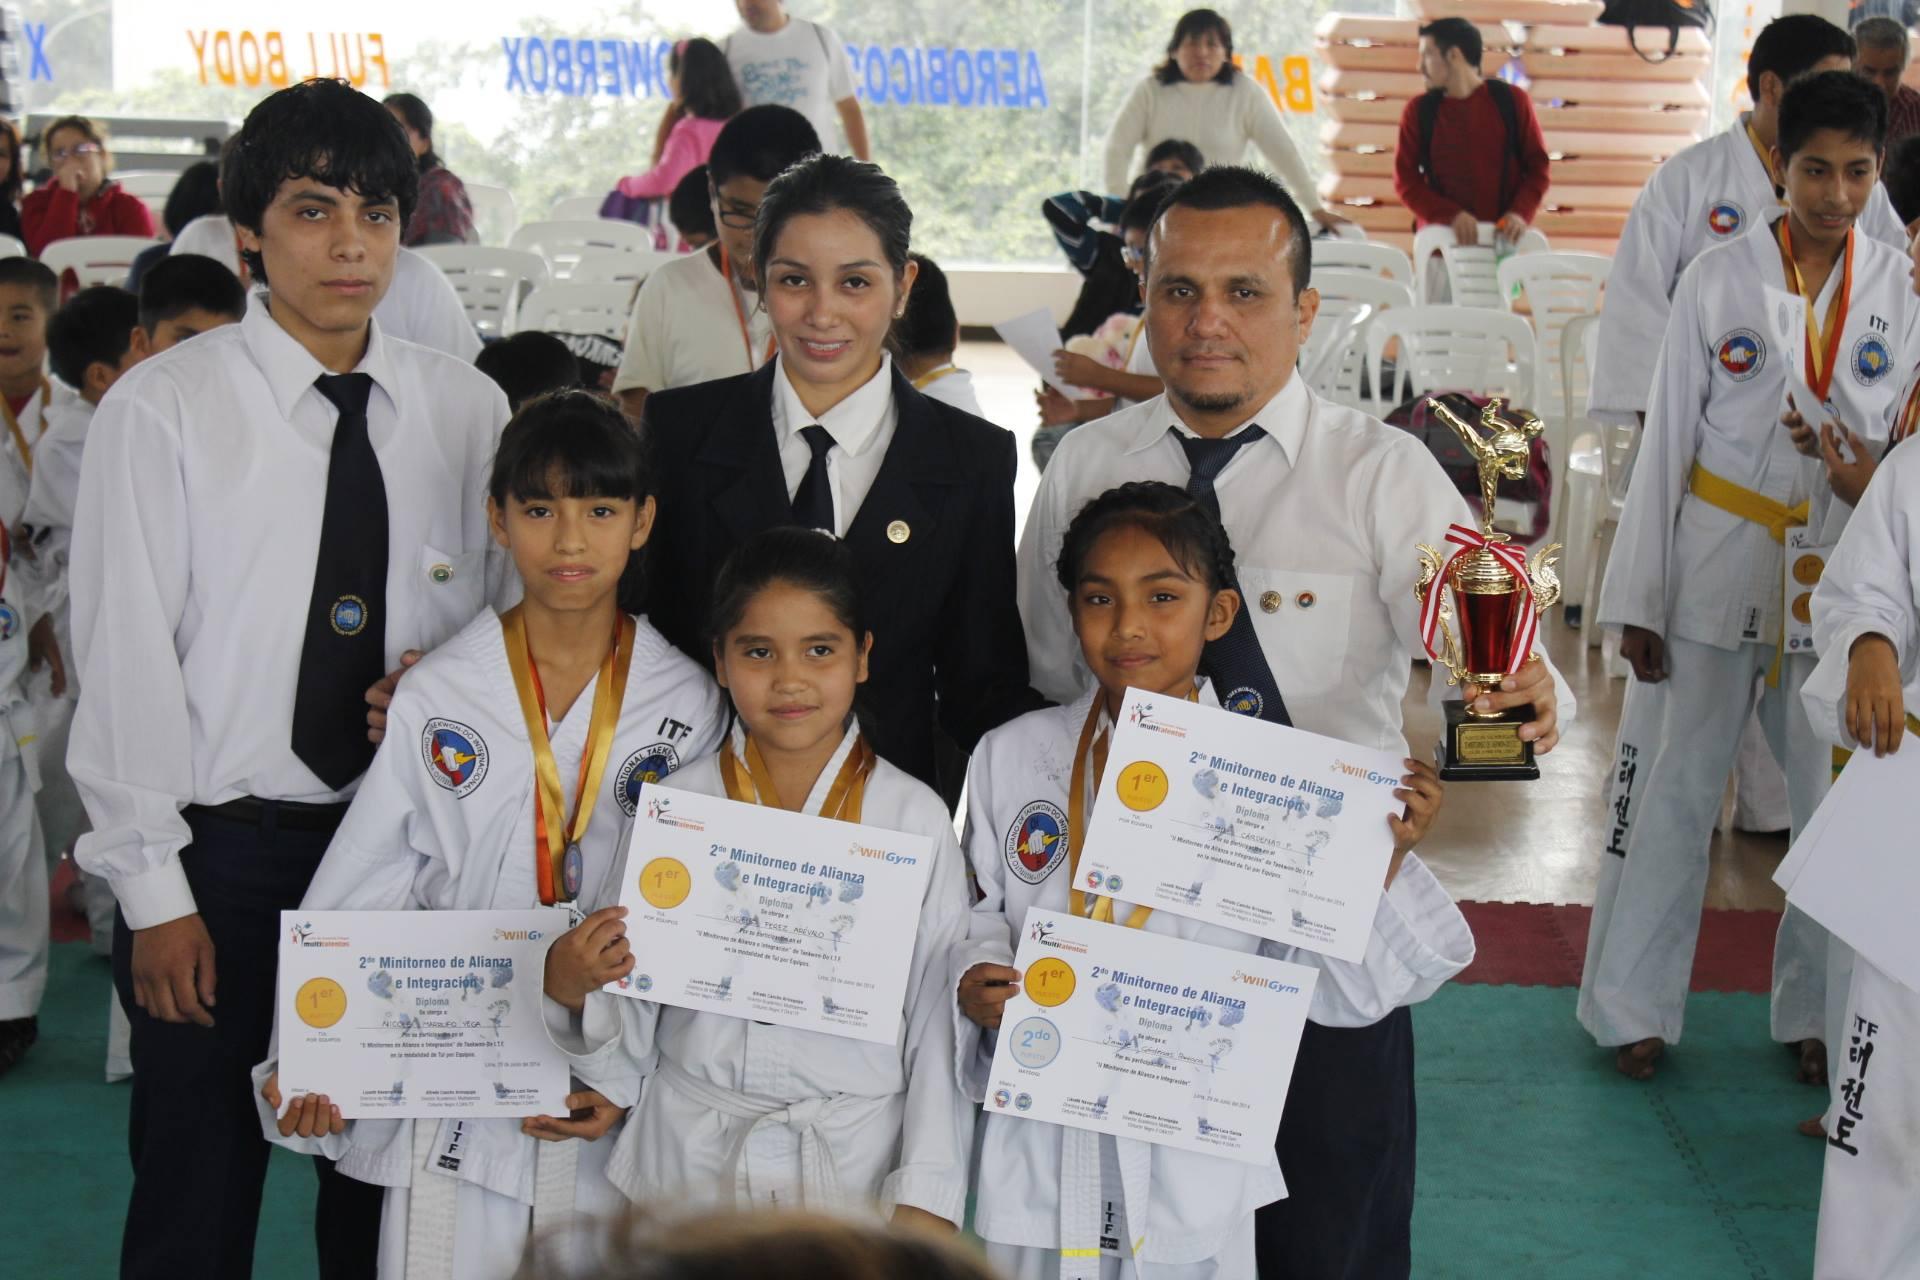 Fotos de Taekwondo Los Olivos